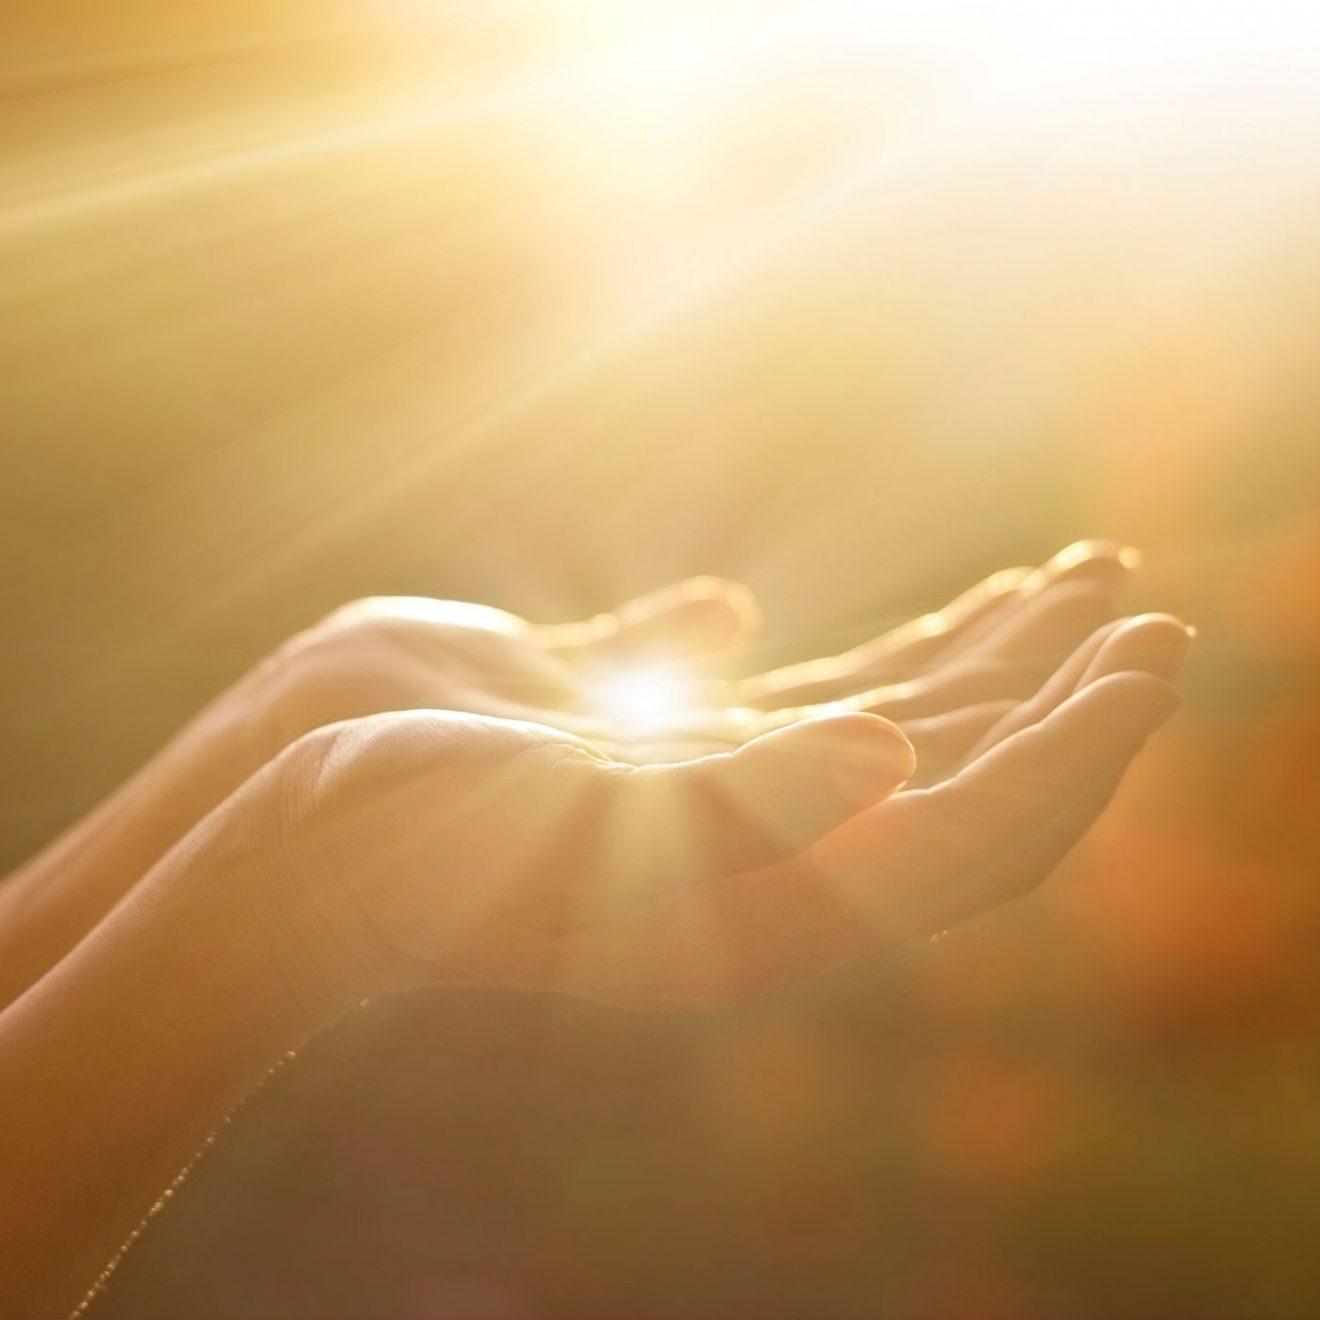 meditation practice - stay receptive to grace